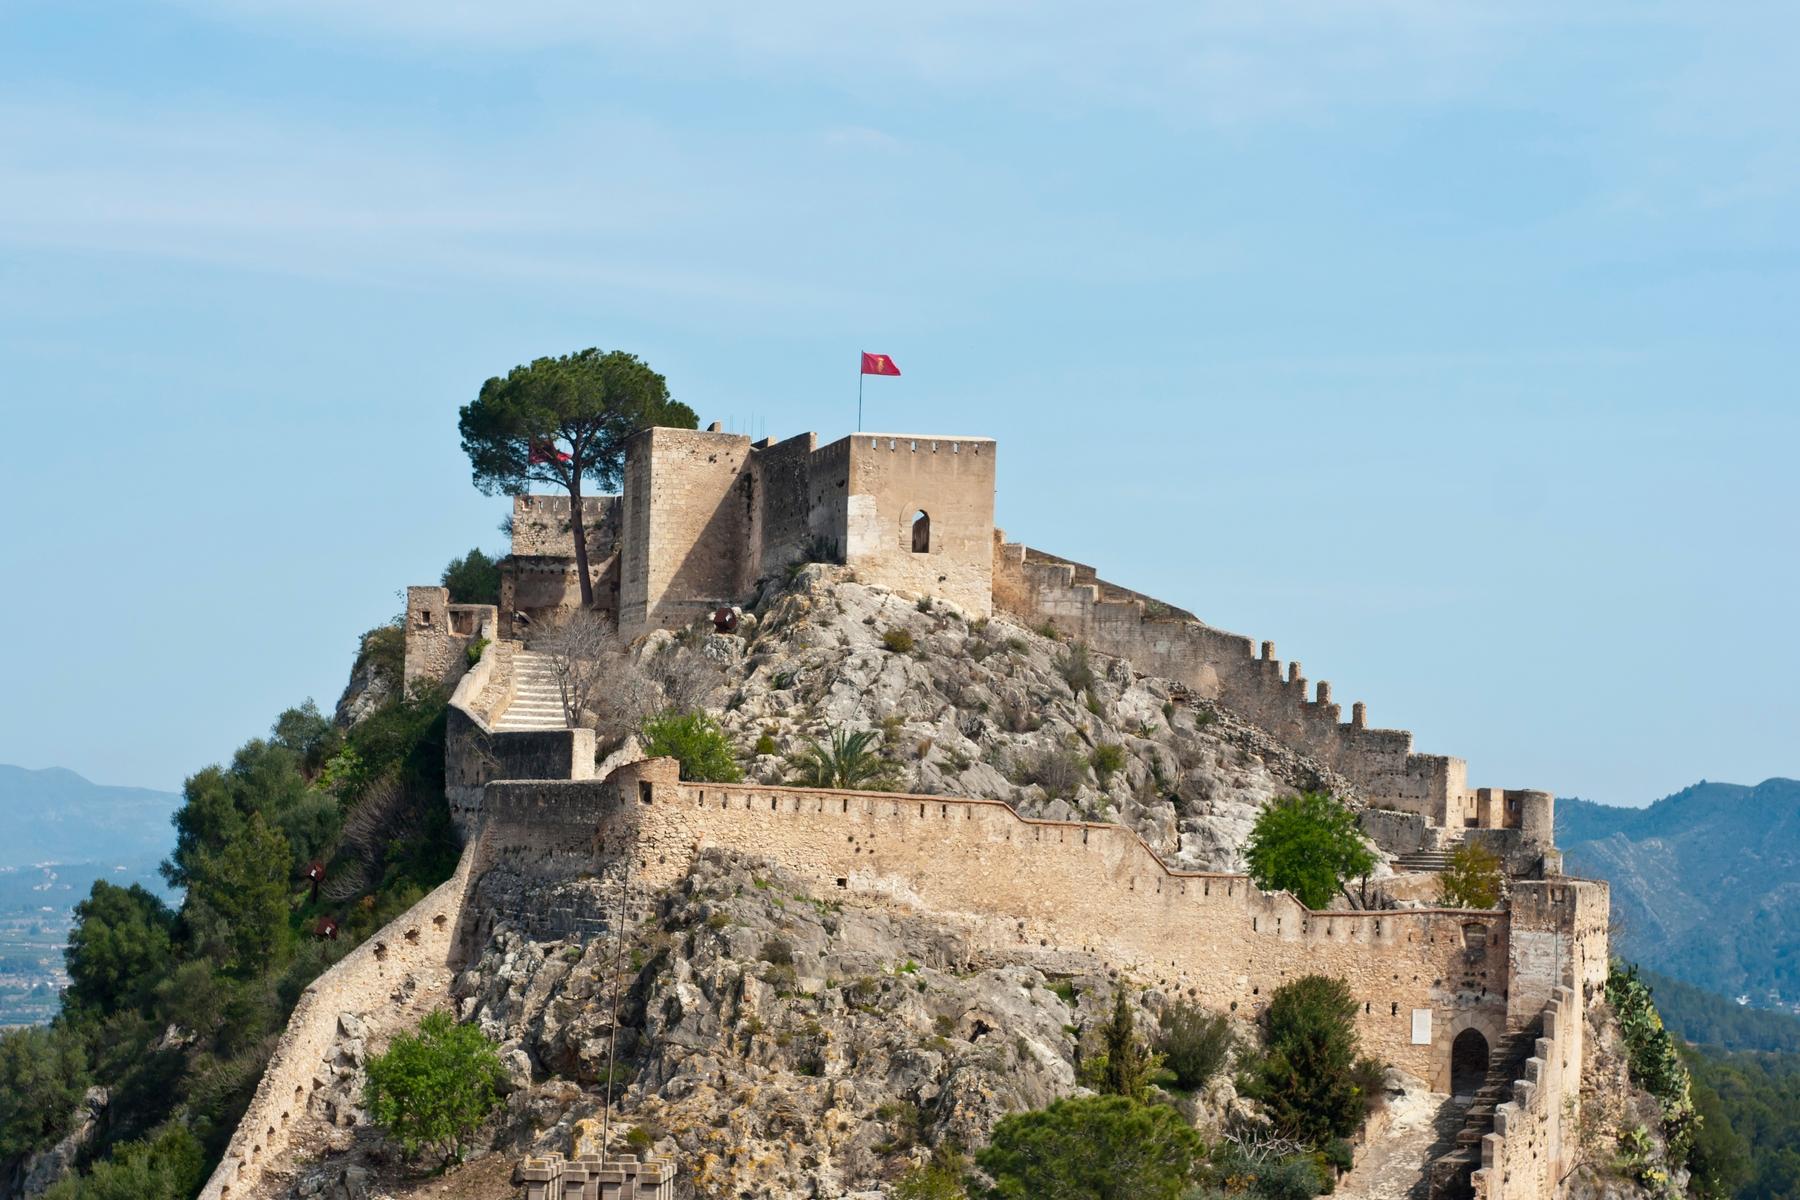 El Castillo de Xátiva fue nombrada una de las siete maravillas valencianas y es uno de los lugares más bonitos de la Comunidad Valenciana